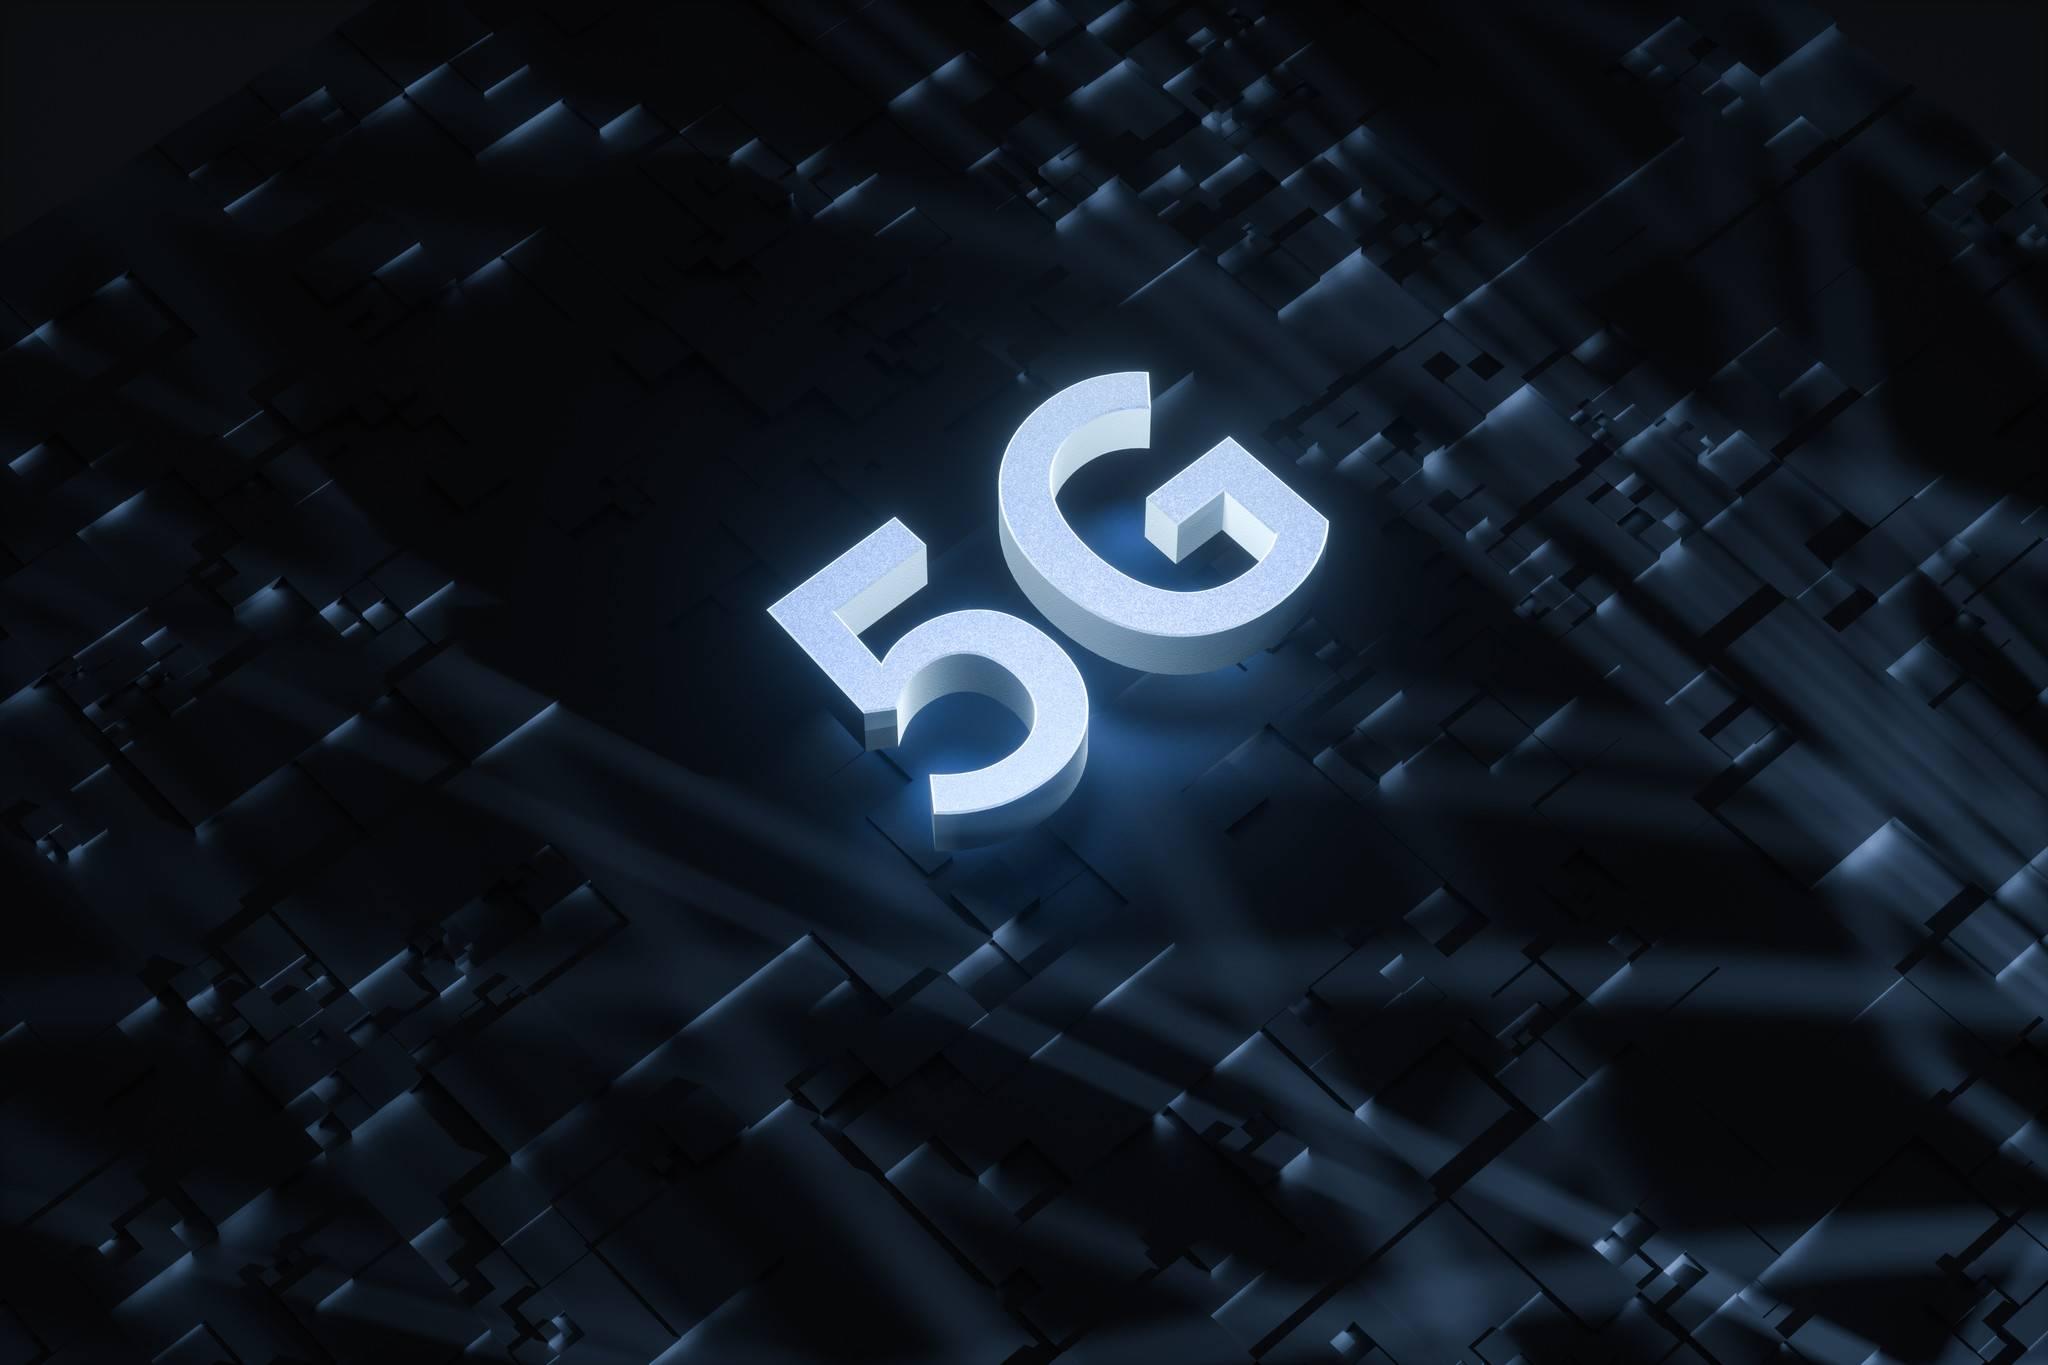 5G基站数量难抵需求,智慧路灯助其爬出泥潭